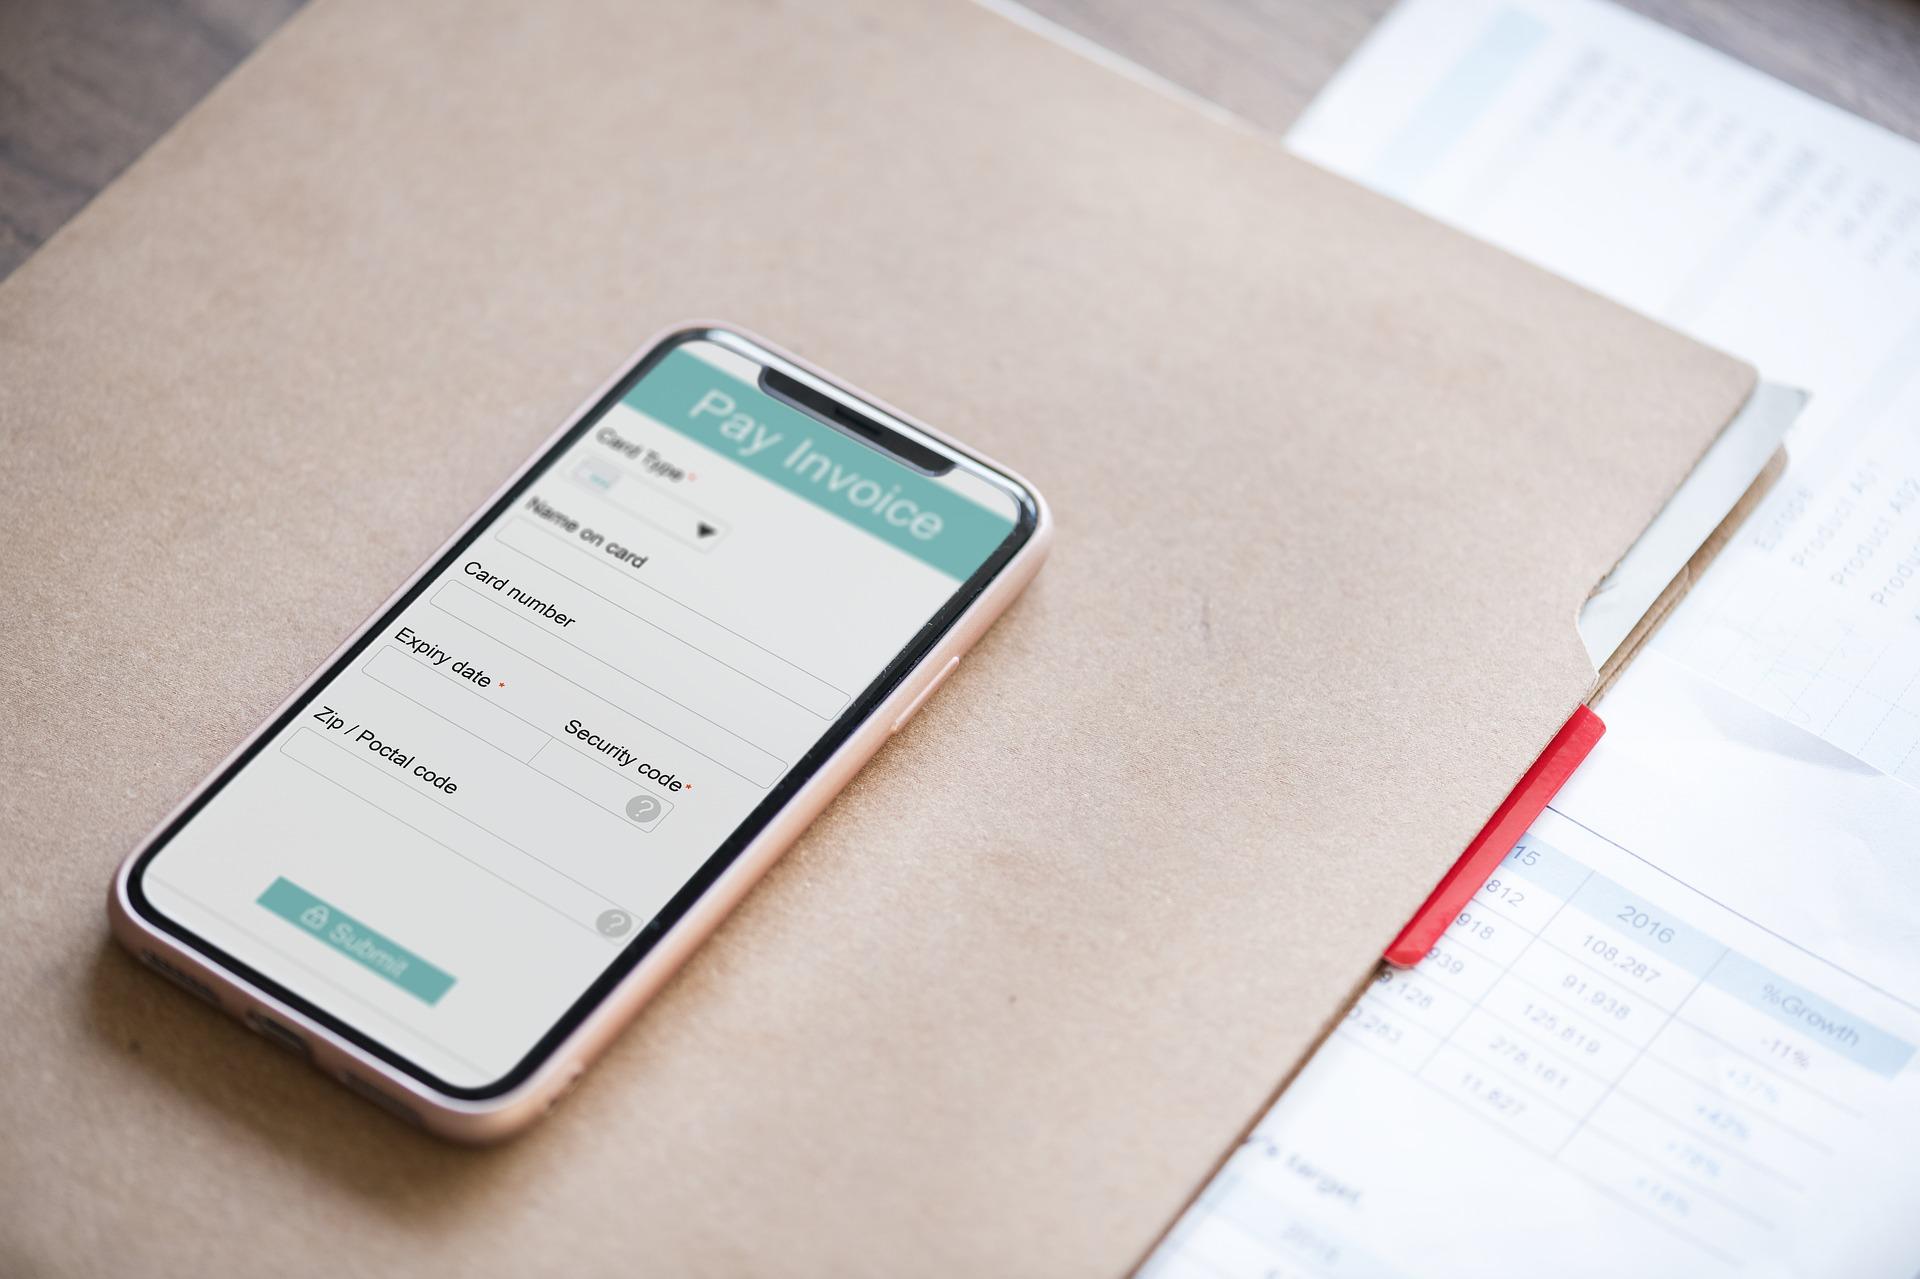 Mobile app - Johannesburg